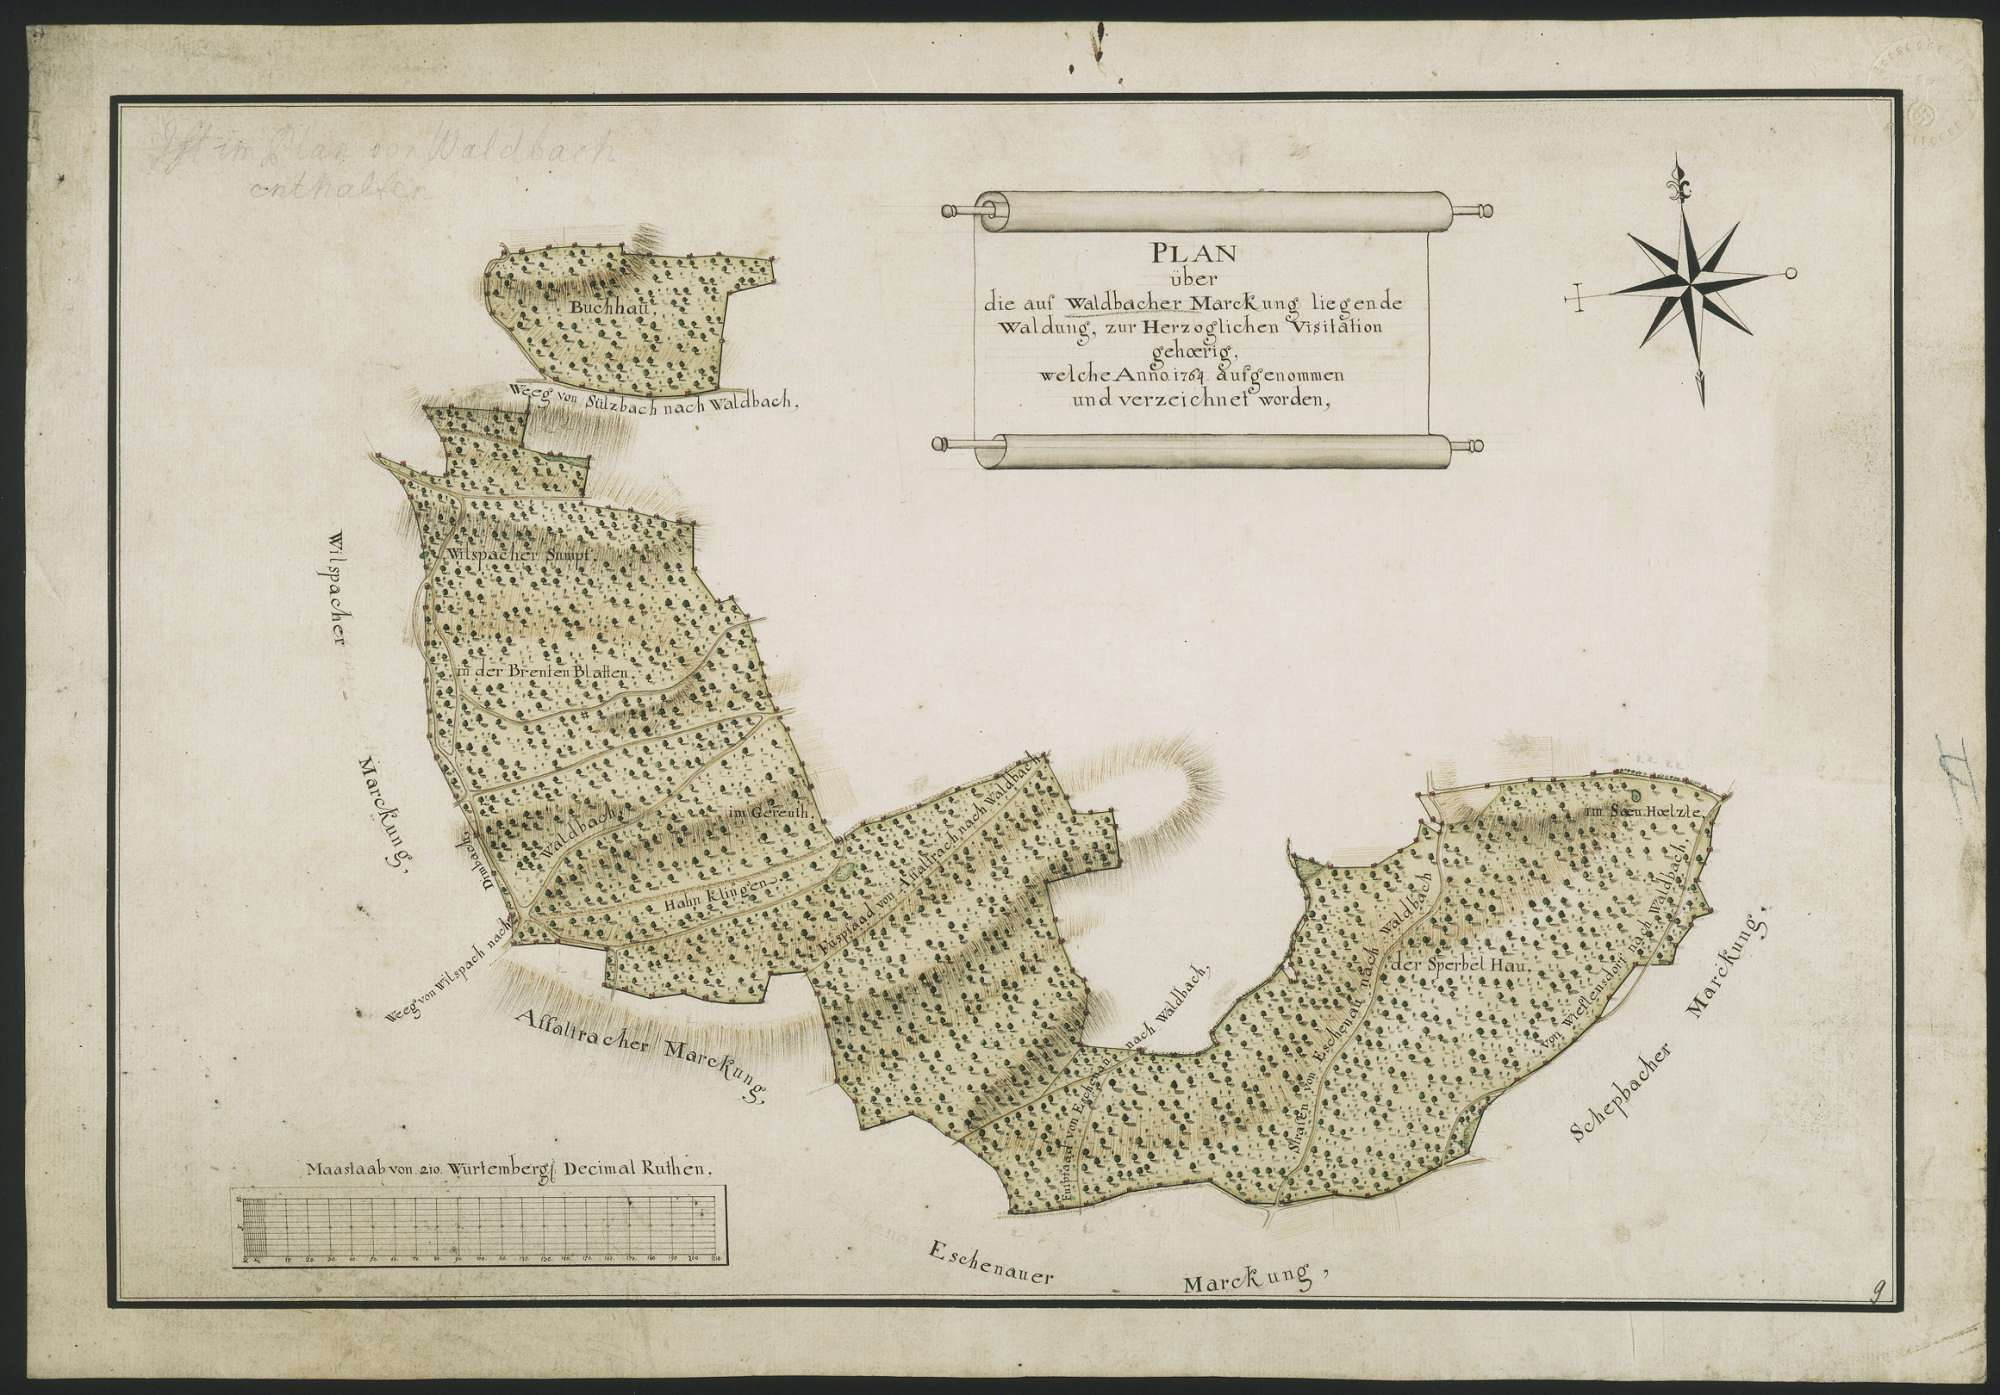 """""""Plan über die auf Waldbacher Marckung liegende Waldung, zur Herzoglichen Visitation gehörig, welche Anno 1764 aufgenommen und verzeichnet worden"""", Bild 1"""